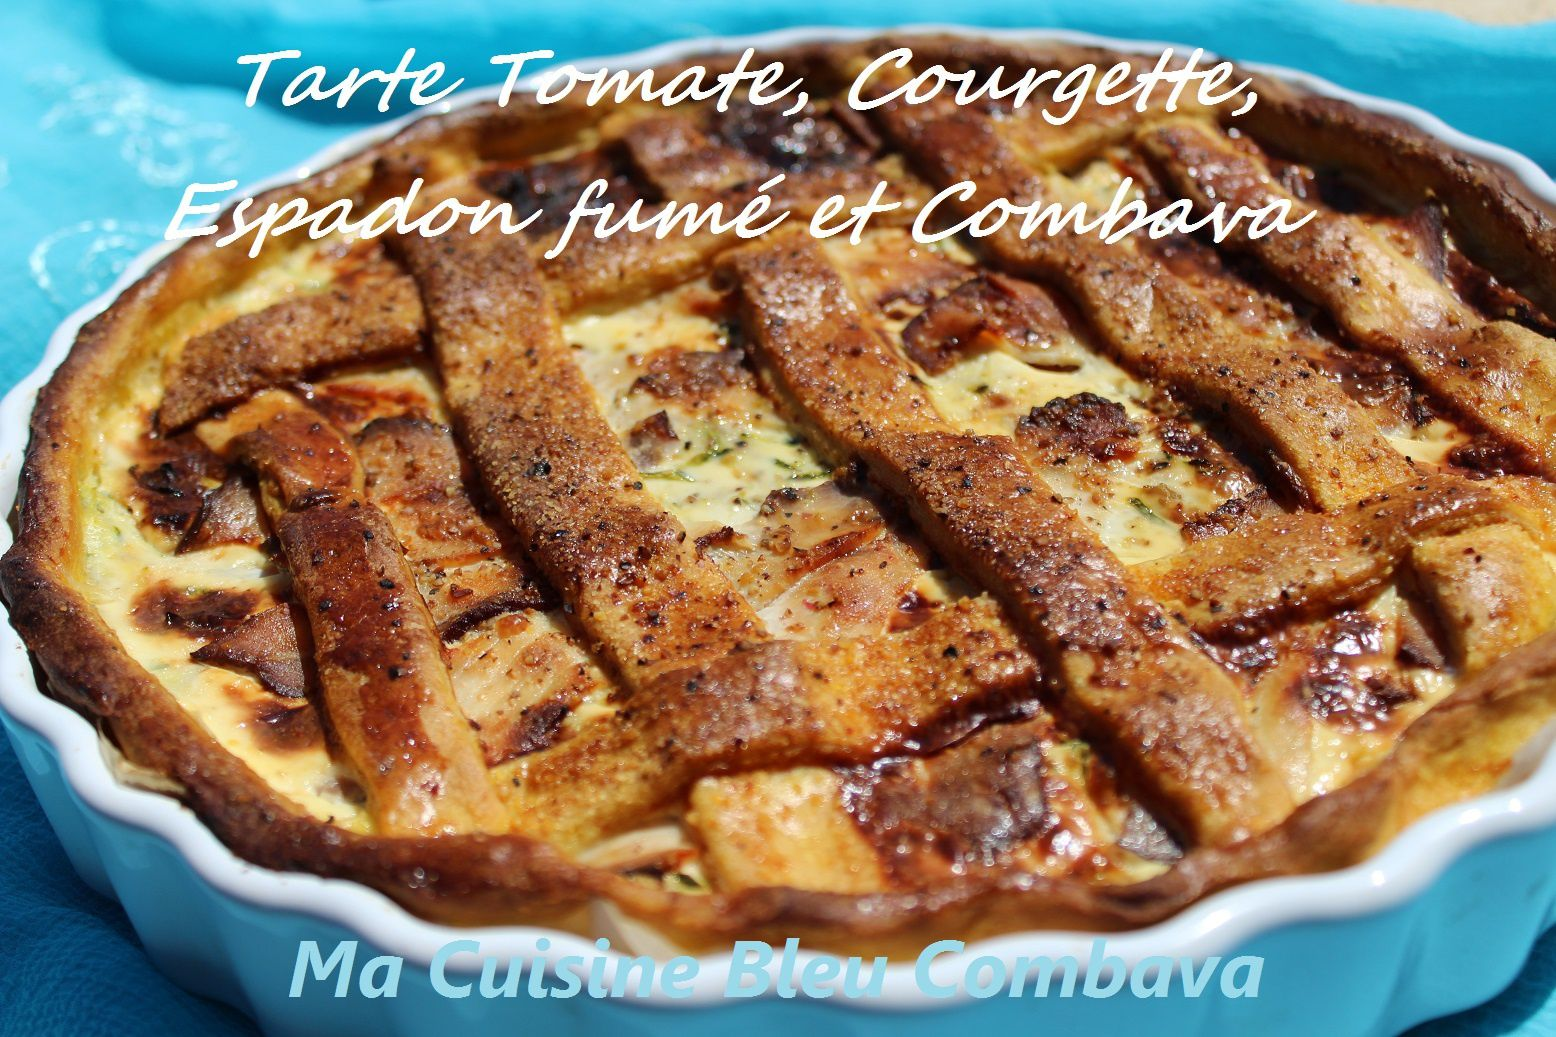 tarte tomate courgette et espadon fum 233 p 226 te curcuma combava ma cuisine bleu combava